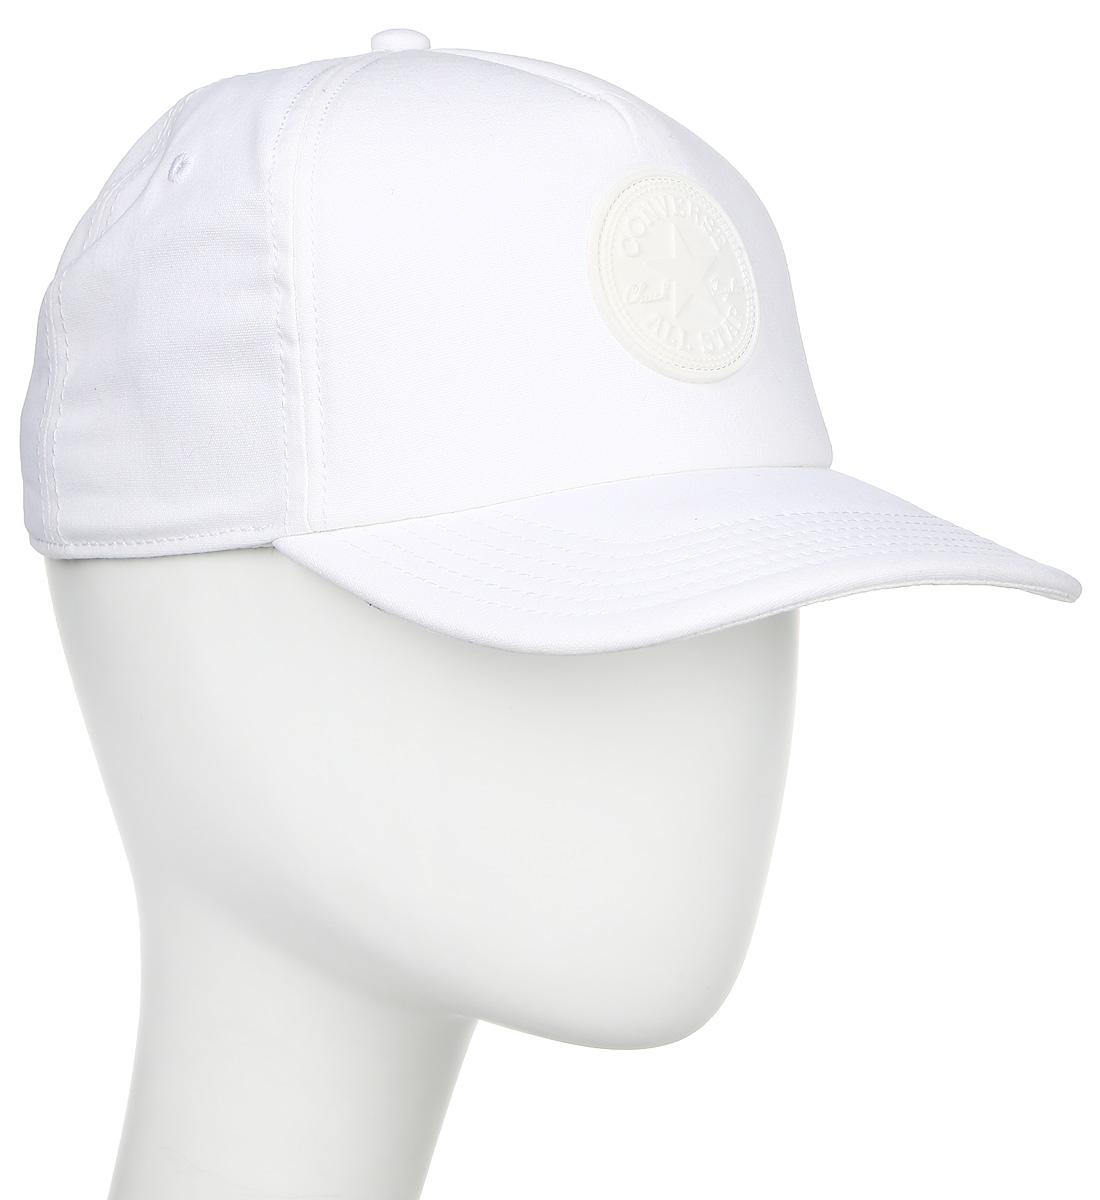 Бейсболка Converse Rubber Patch Trucker, цвет: белый. 529851. Размер универсальный529851Стильная бейсболка Converse идеально подойдет для прогулок, занятий спортом и отдыха. Бейсболка, выполненная из 100% хлопка, надежно защитит вас от солнца и ветра. Модель имеет классическую конструкцию из шести панелей и специальные вентиляционные отверстия. Изделие оформлено вышивкой с логотипом бренда. Объем бейсболки регулируется при помощи фиксатора.